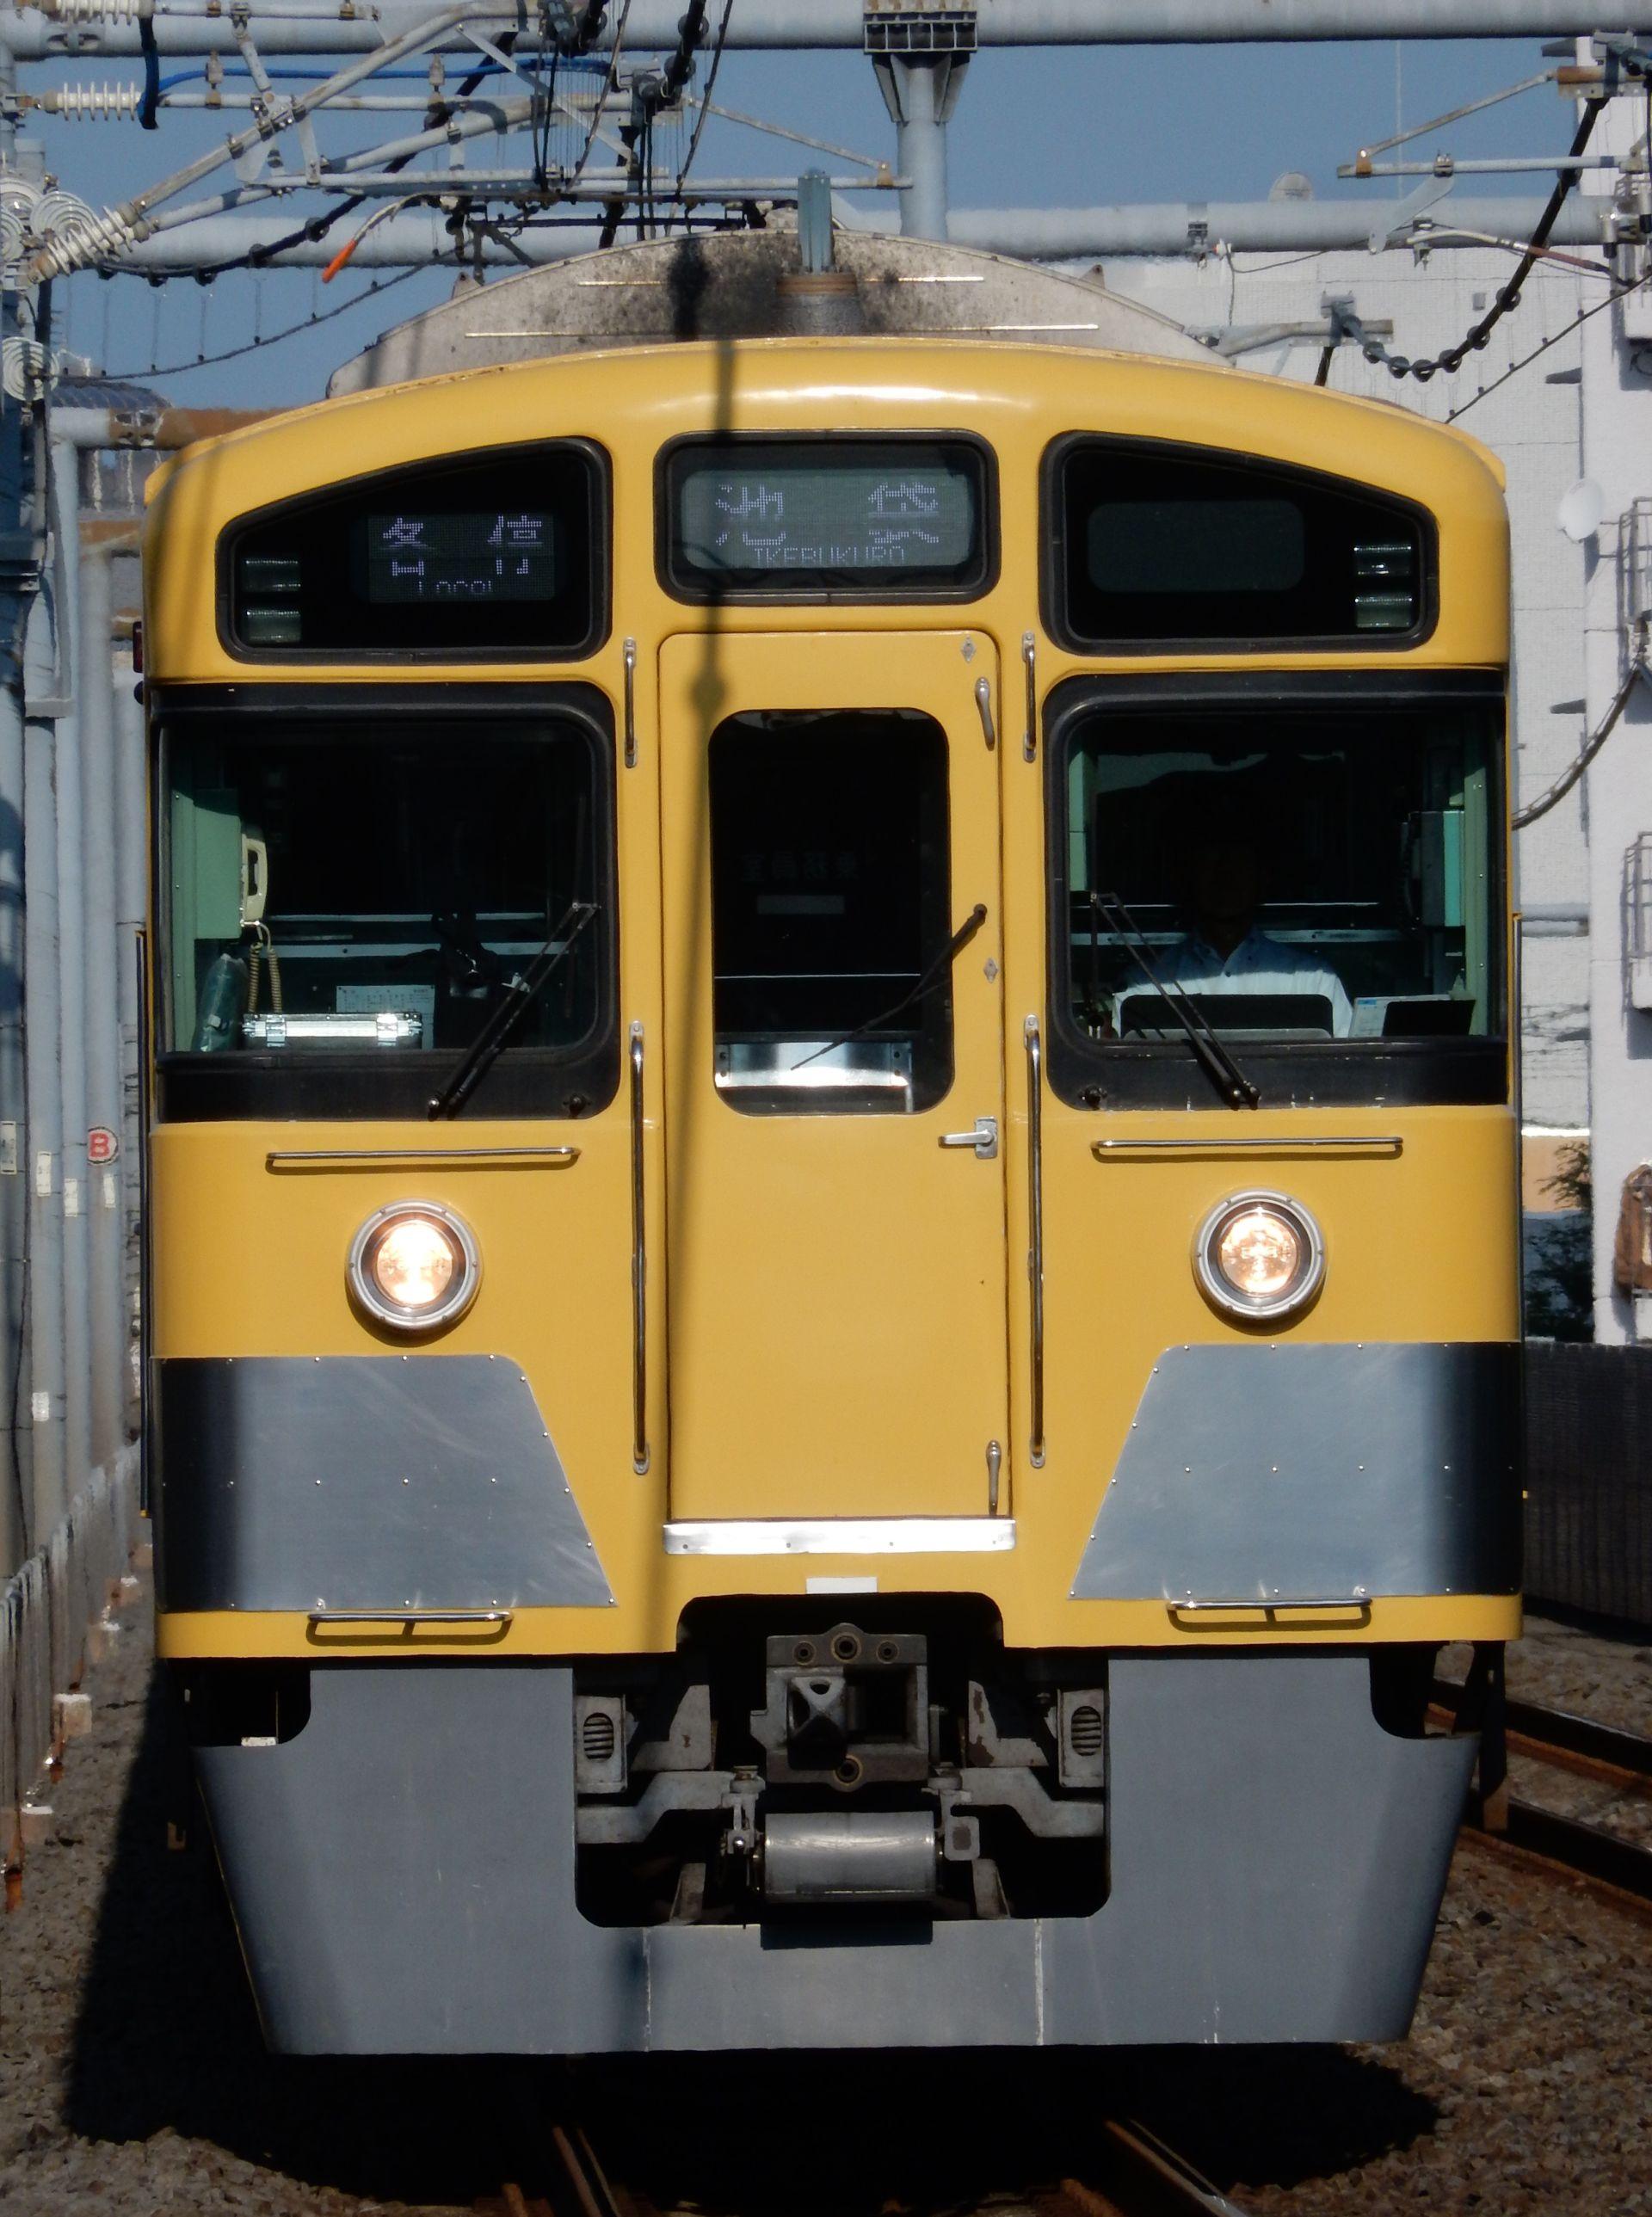 DSCN0784 - コピー